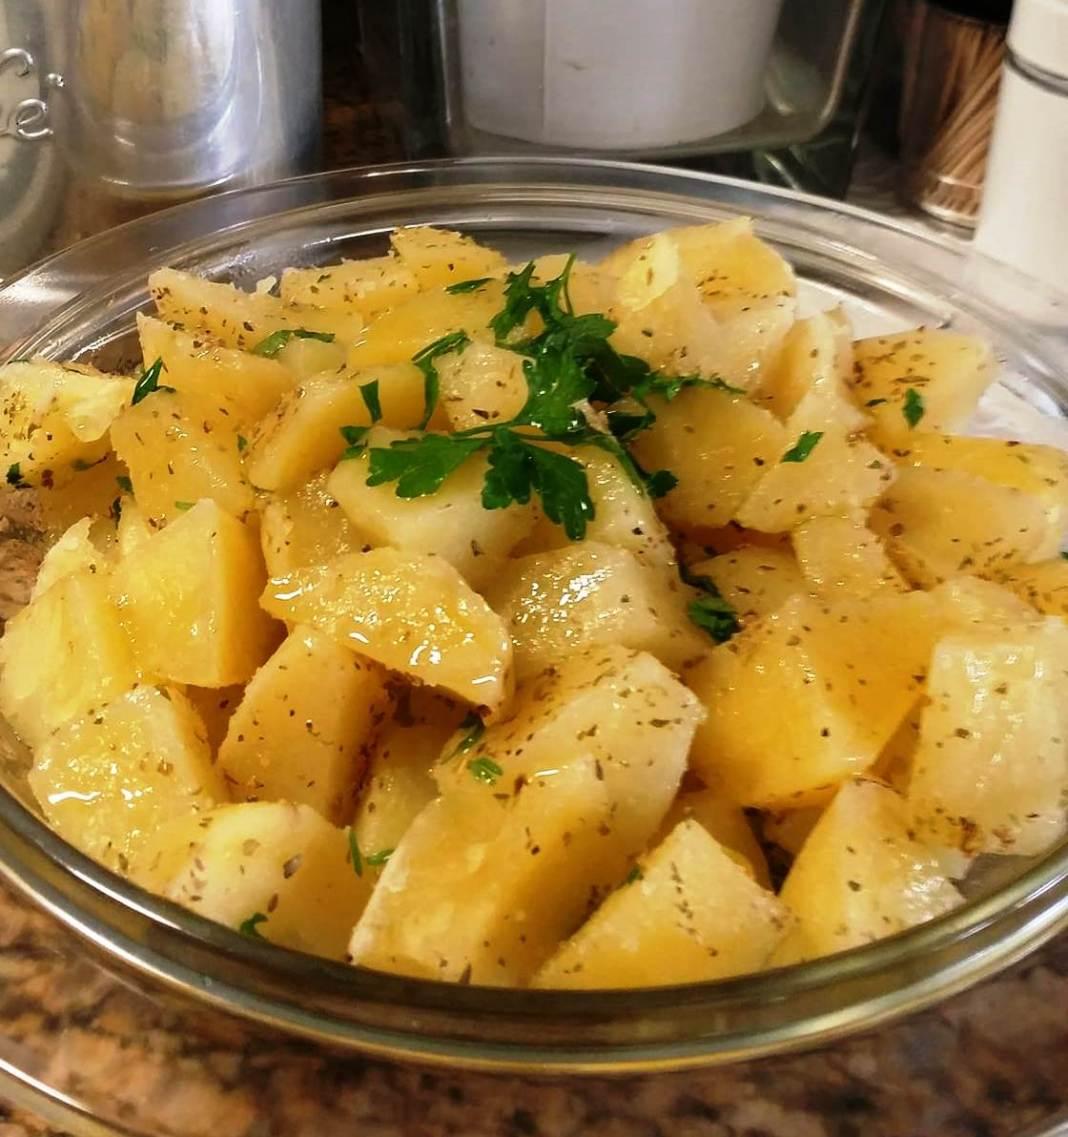 Πατάτες στον ατμό με λεμόνι και μυρωδικά